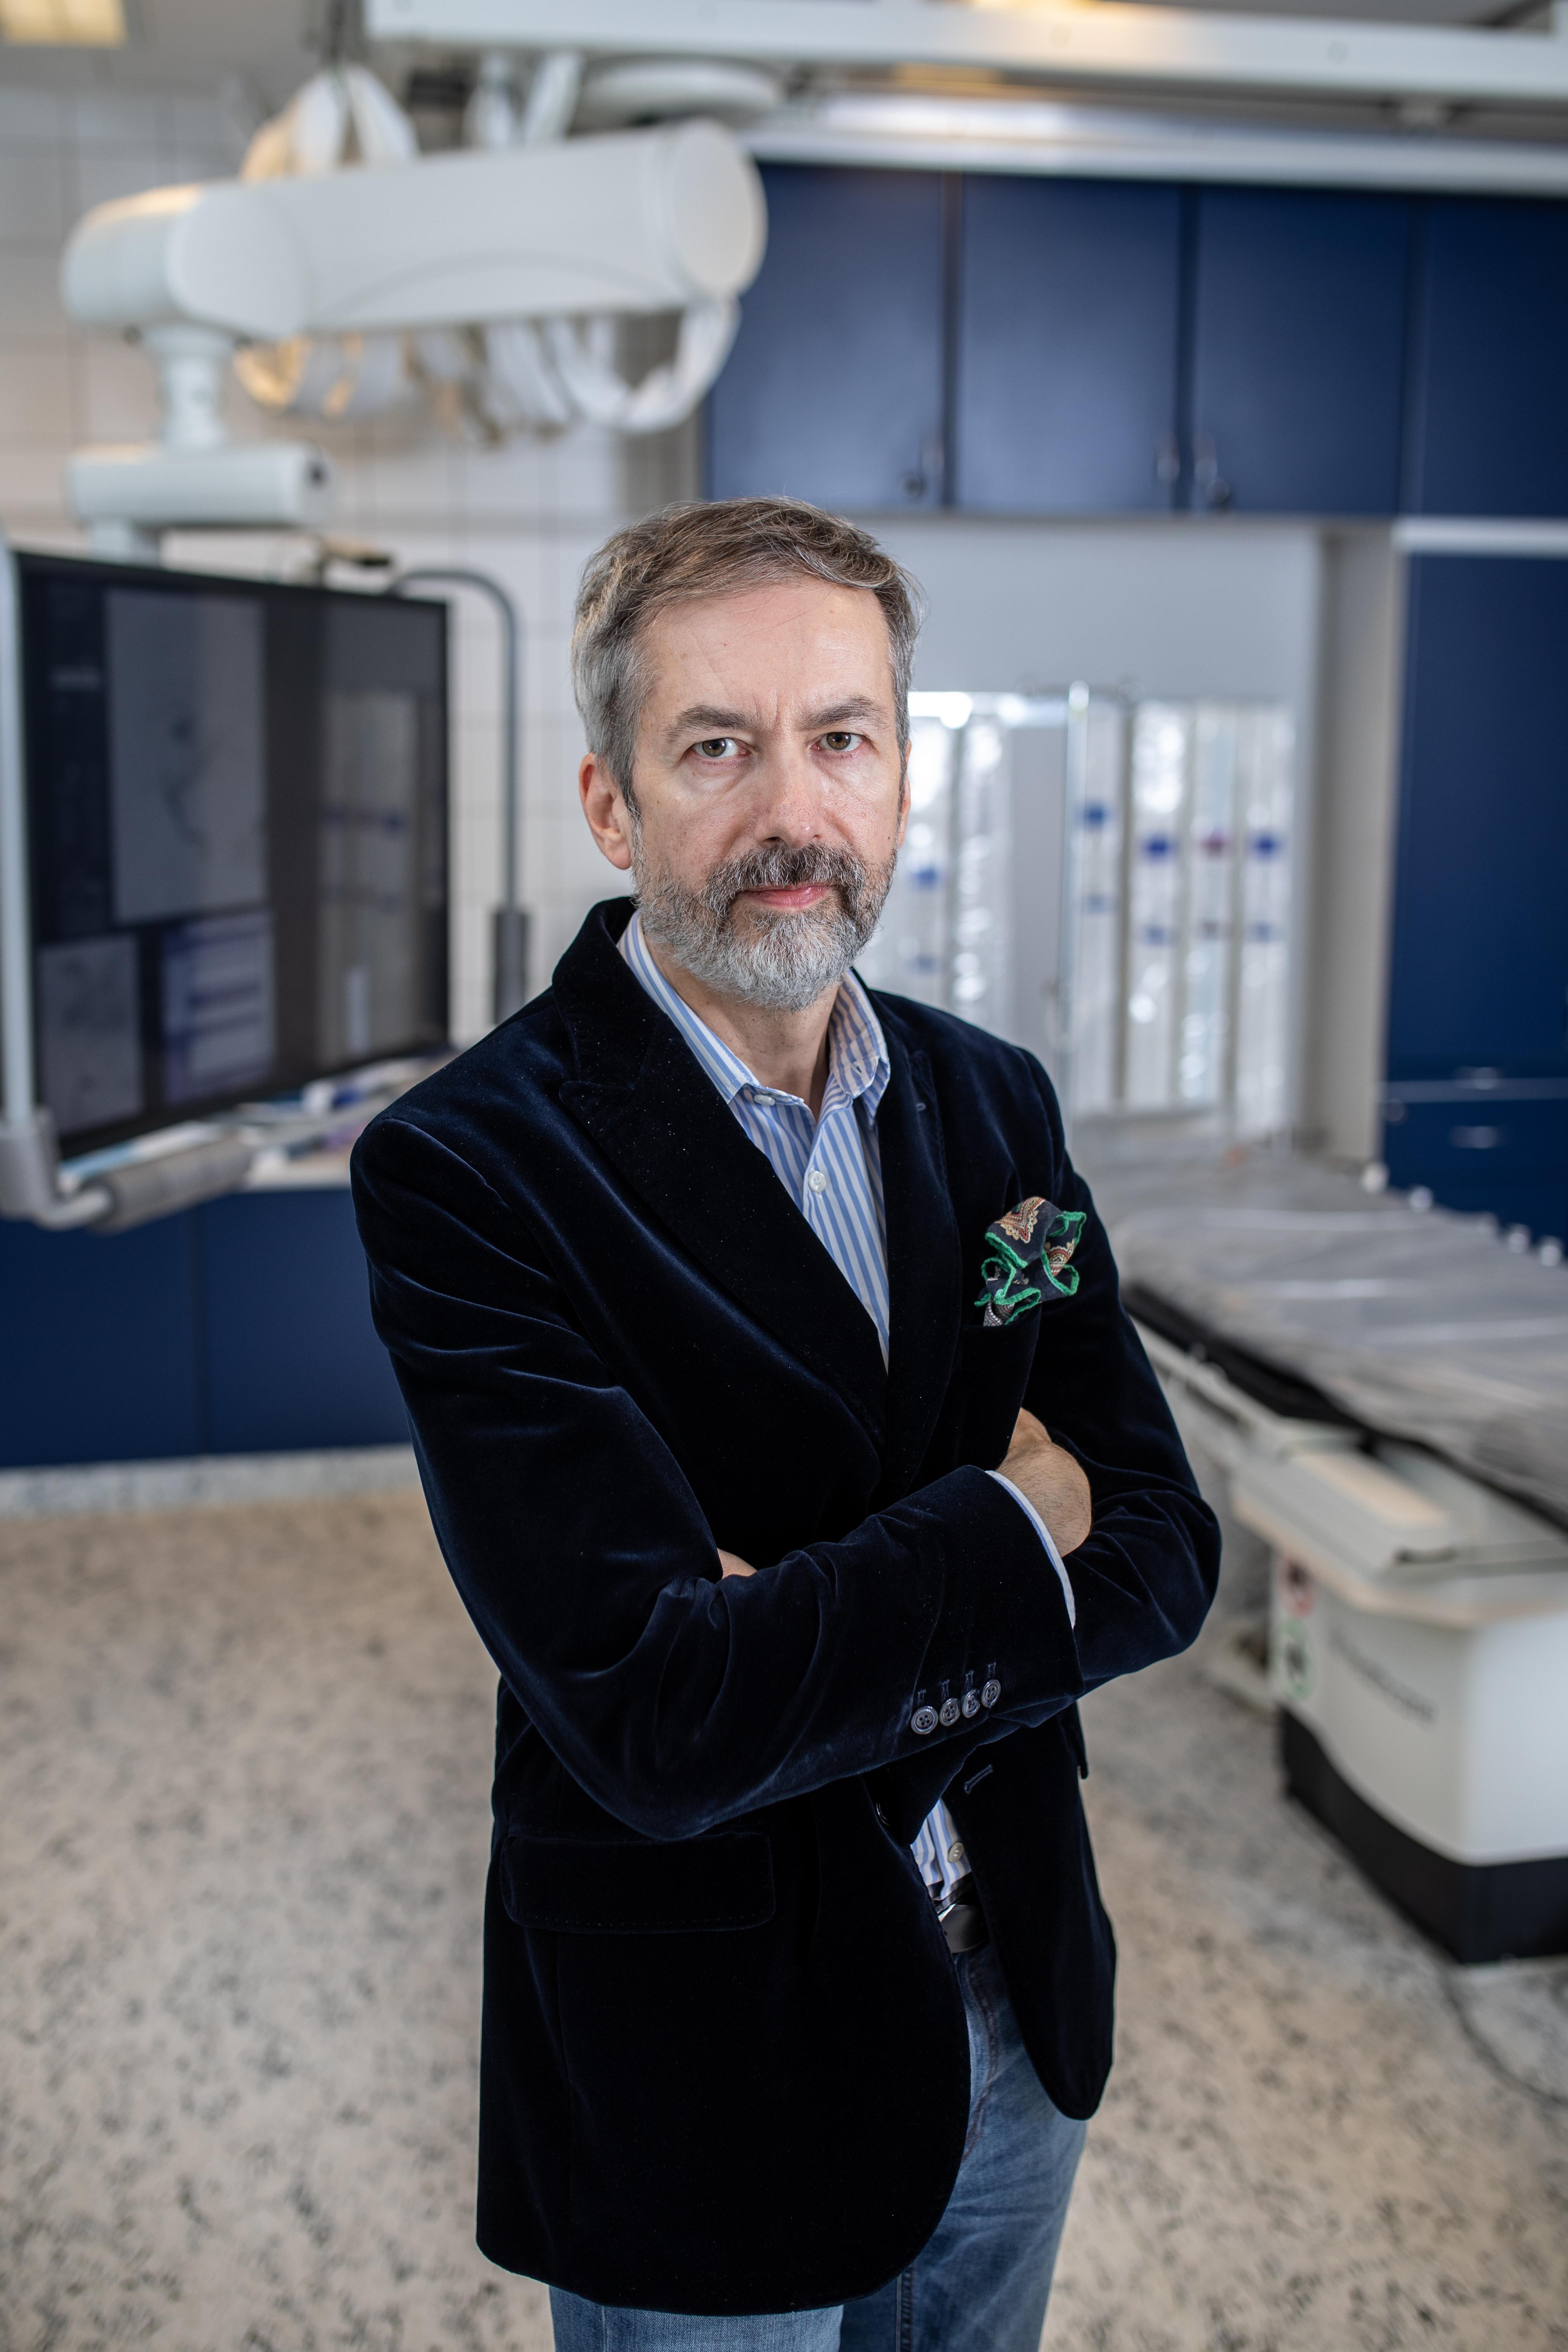 Óváry Csaba, az Országos Klinikai Idegtudományi Intézet (OKITI) főigazgatója Fotó: Móricz-Sabján Simon